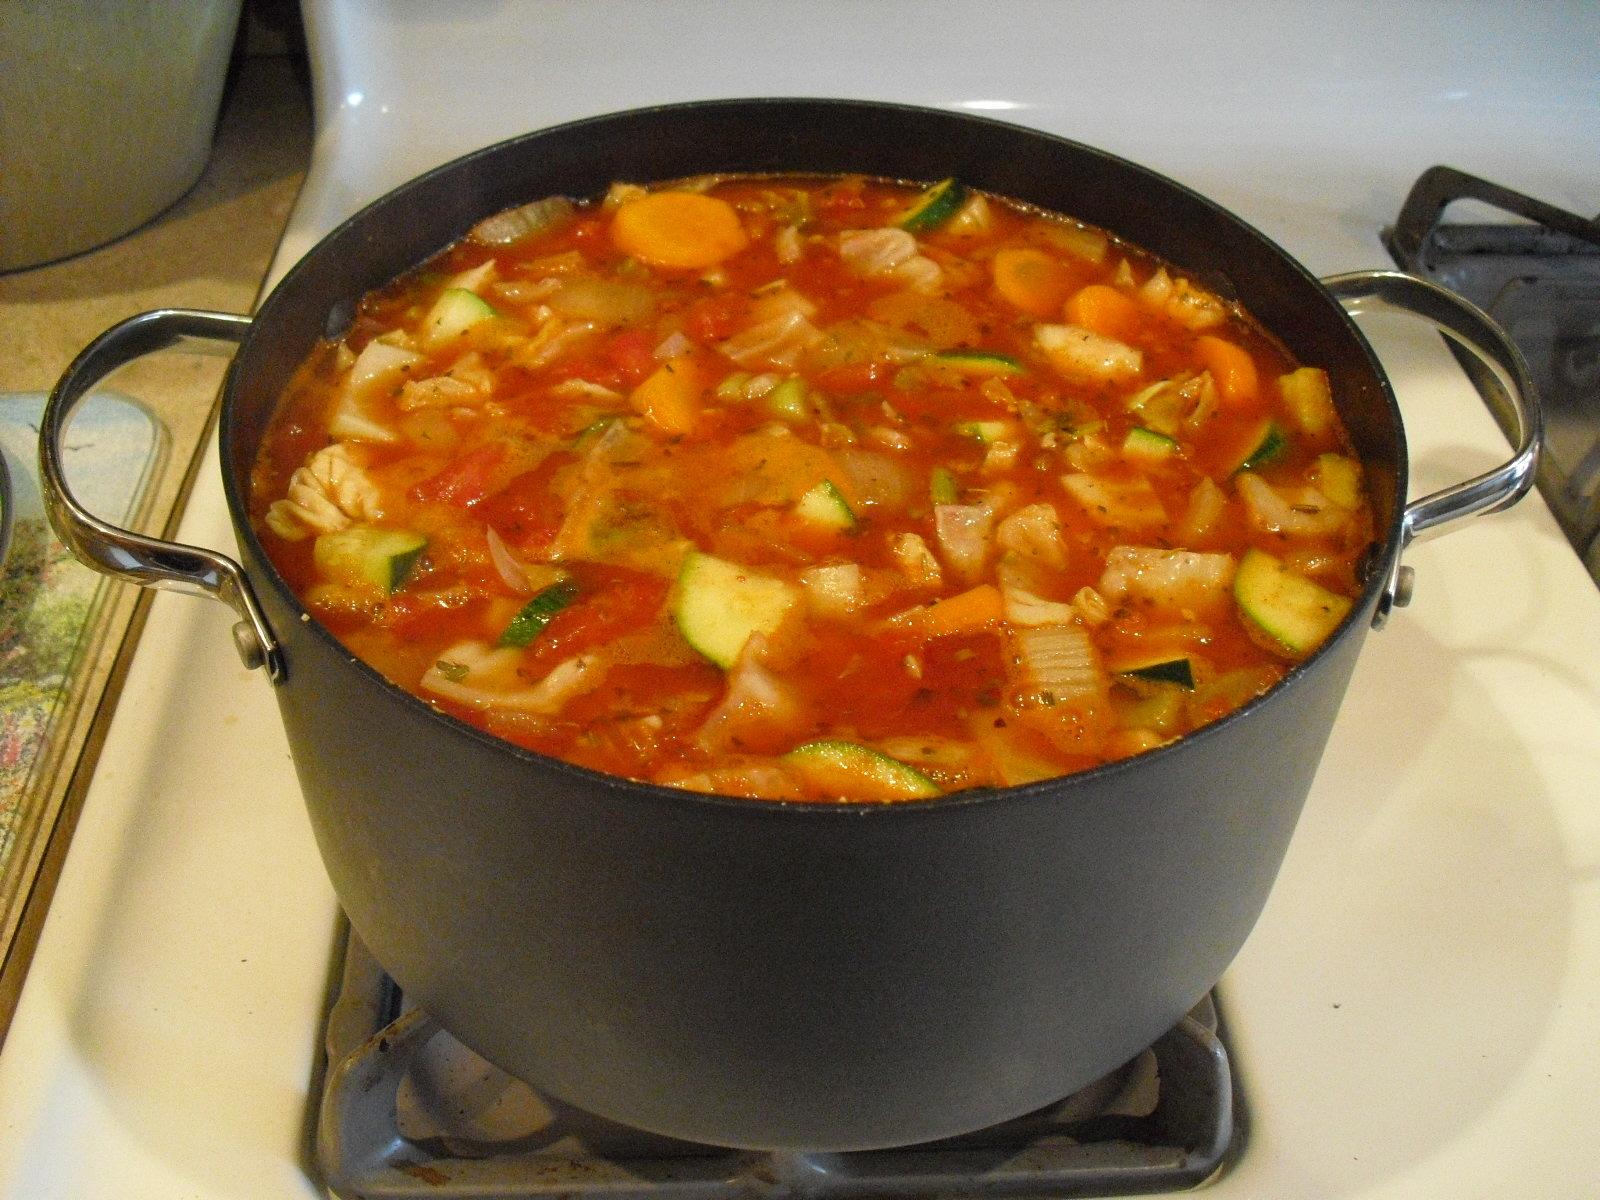 d2abe965f24f4954a9e2_Veggie_Soup.jpg